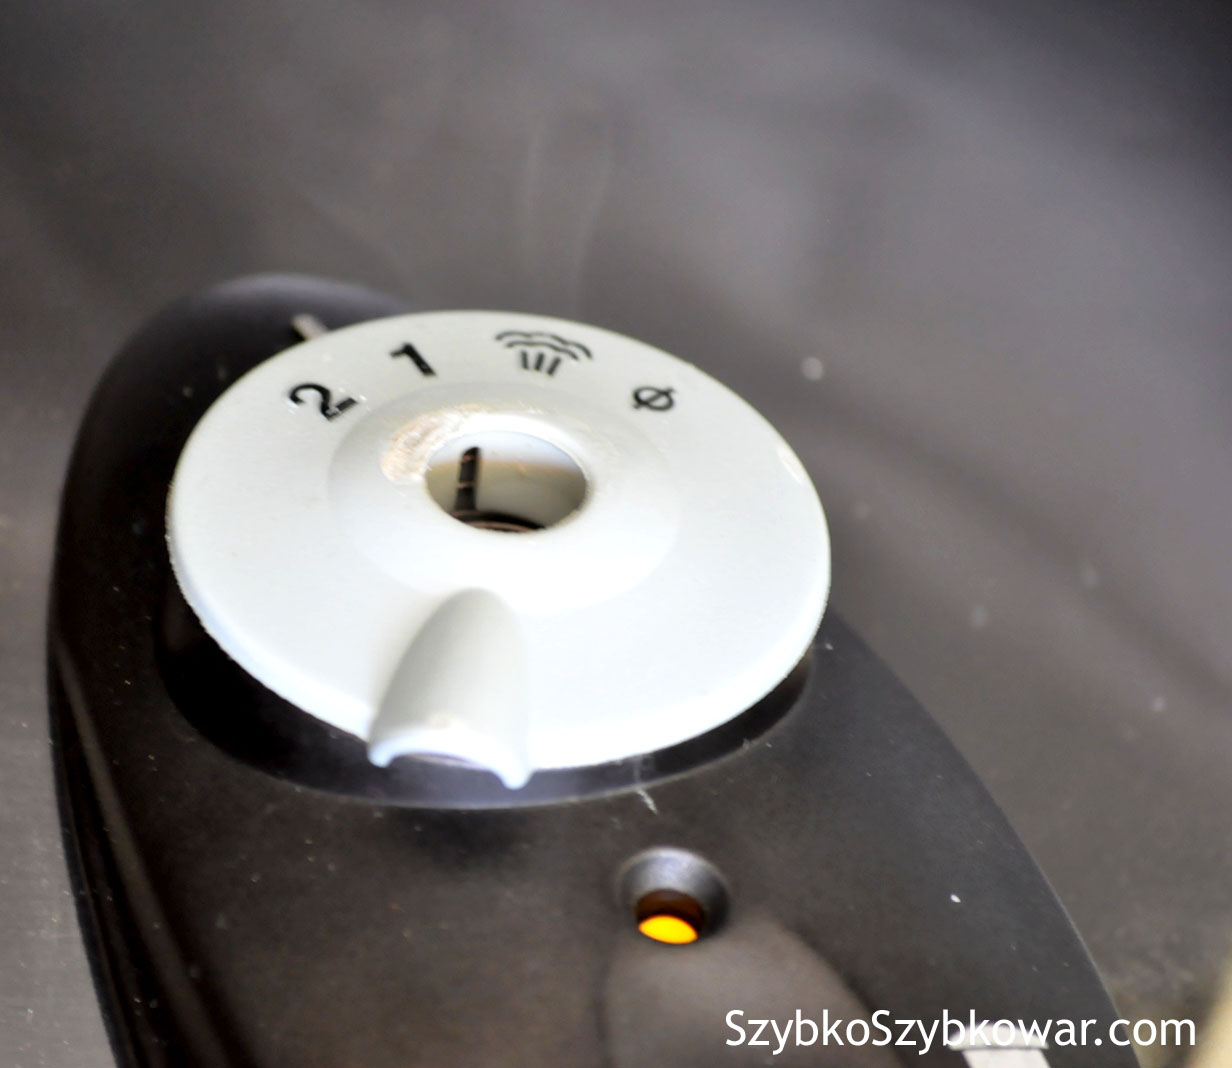 Naturalne opadanie ciśnienia. Zawór ciśnieniowy pozostaje w pozycji wybranego przez nas ciśnienia.